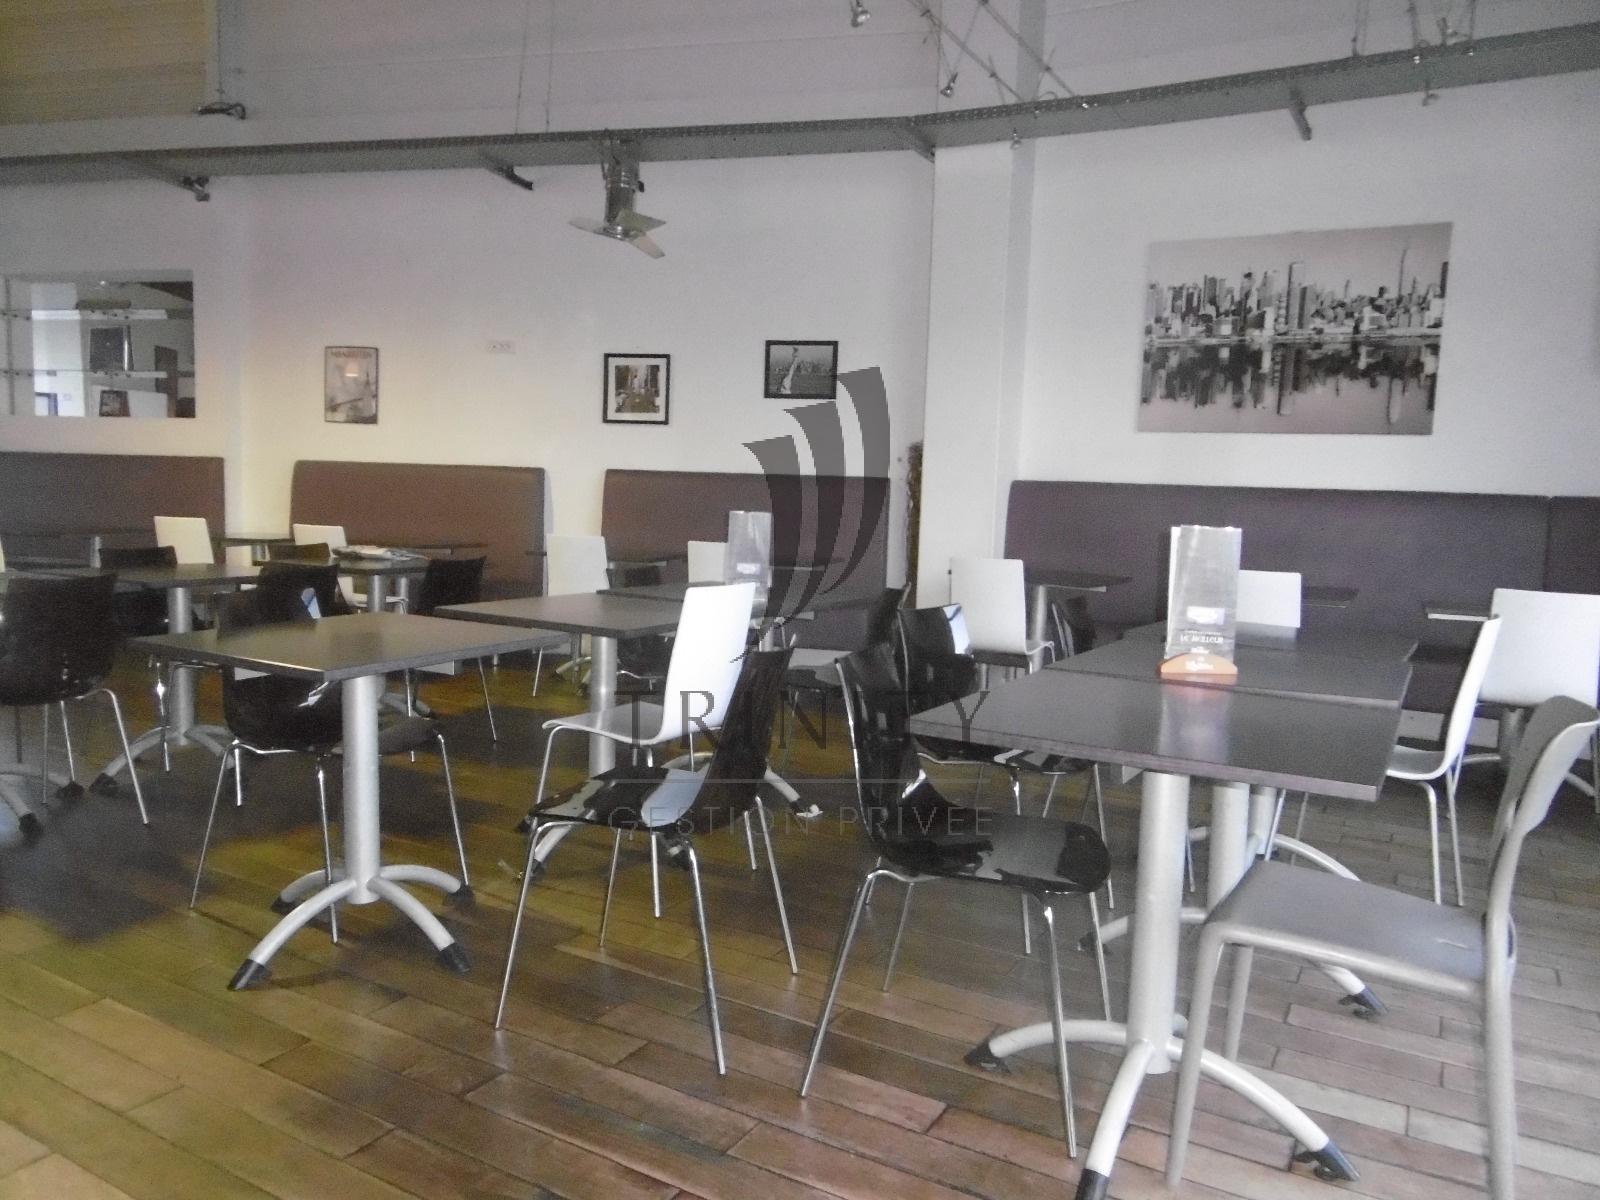 Vente Immobilier Professionnel Fonds de commerce Valence 26000